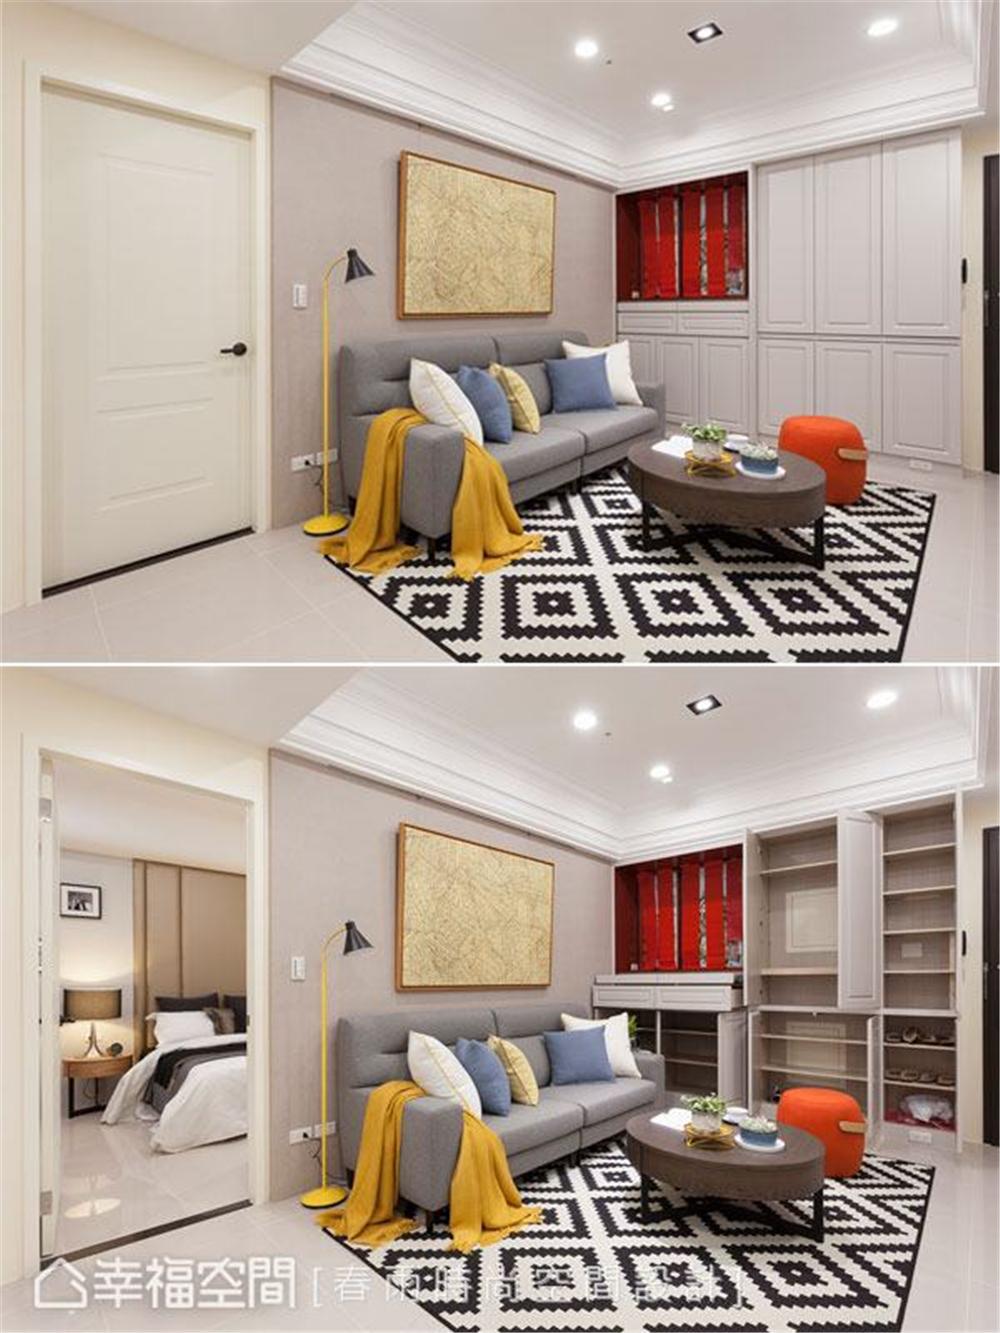 装修设计 装修完成 休闲风格 玄关图片来自幸福空间在69平, 跨龄美式混搭温馨宅的分享